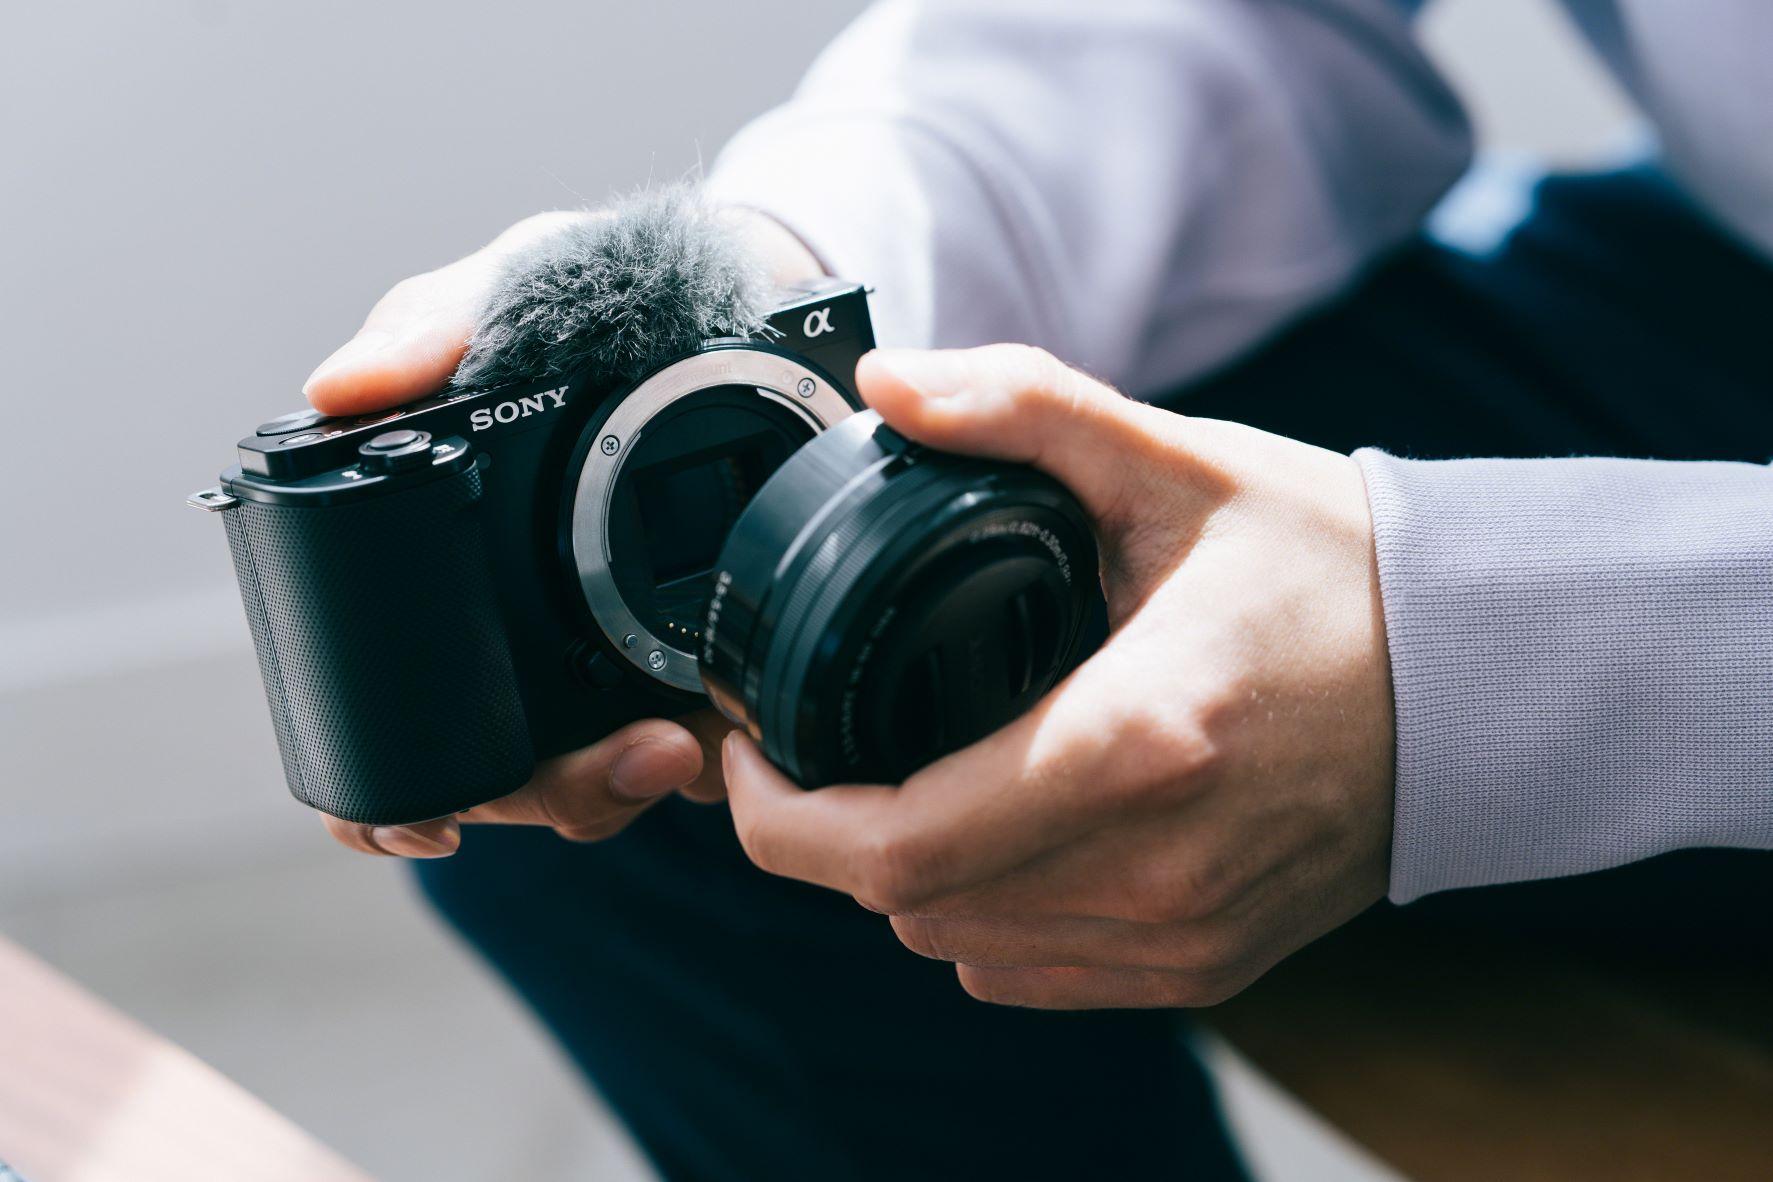 Seminario avanzado de manejo de Alpha: Despeja tus dudas y descubre lo que puedes hacer con tu cámara!